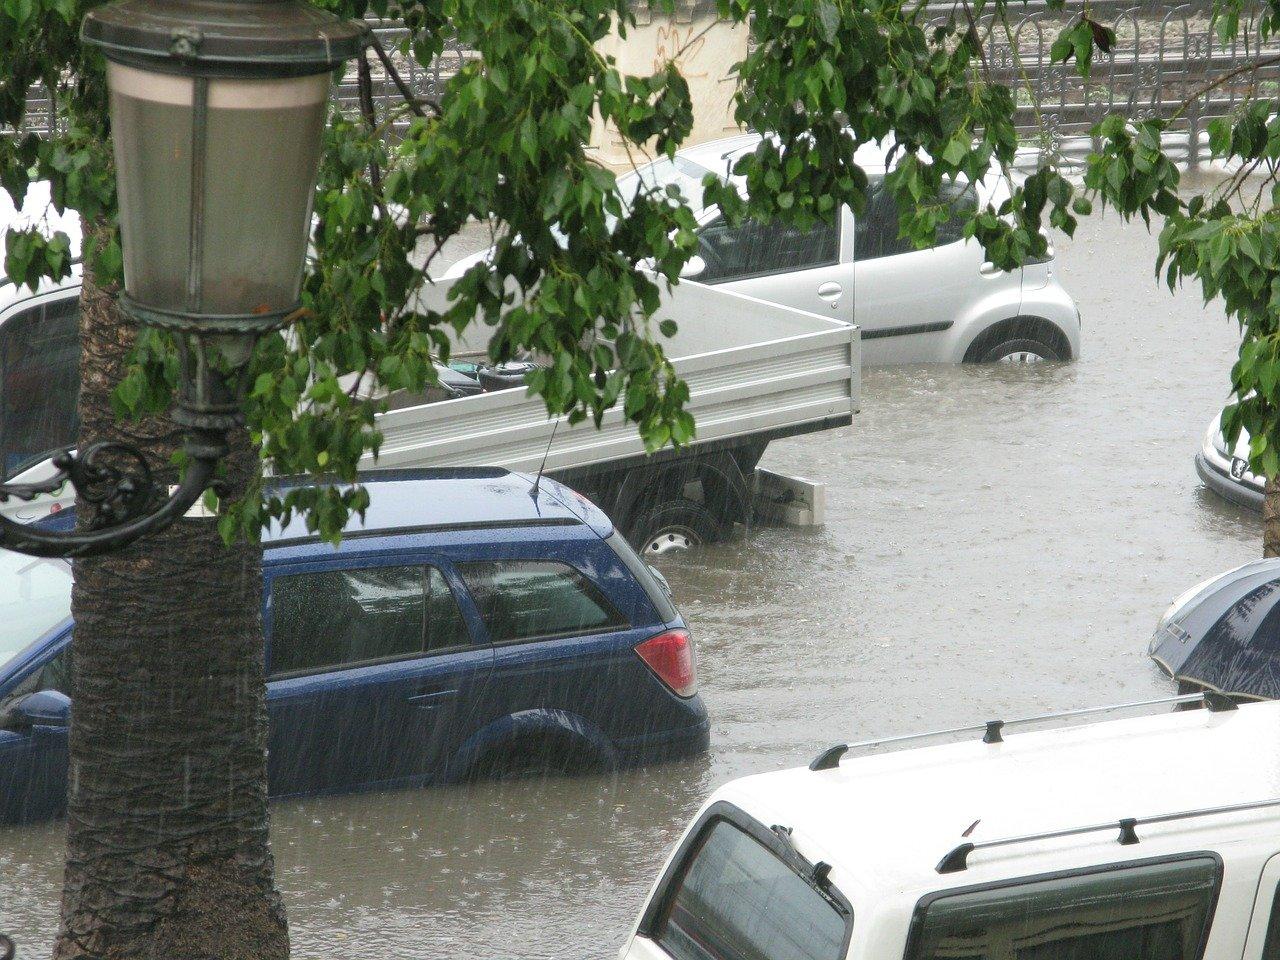 Naturkatastrophen – Welche Höhe zahlt die Versicherung? – Teil 2